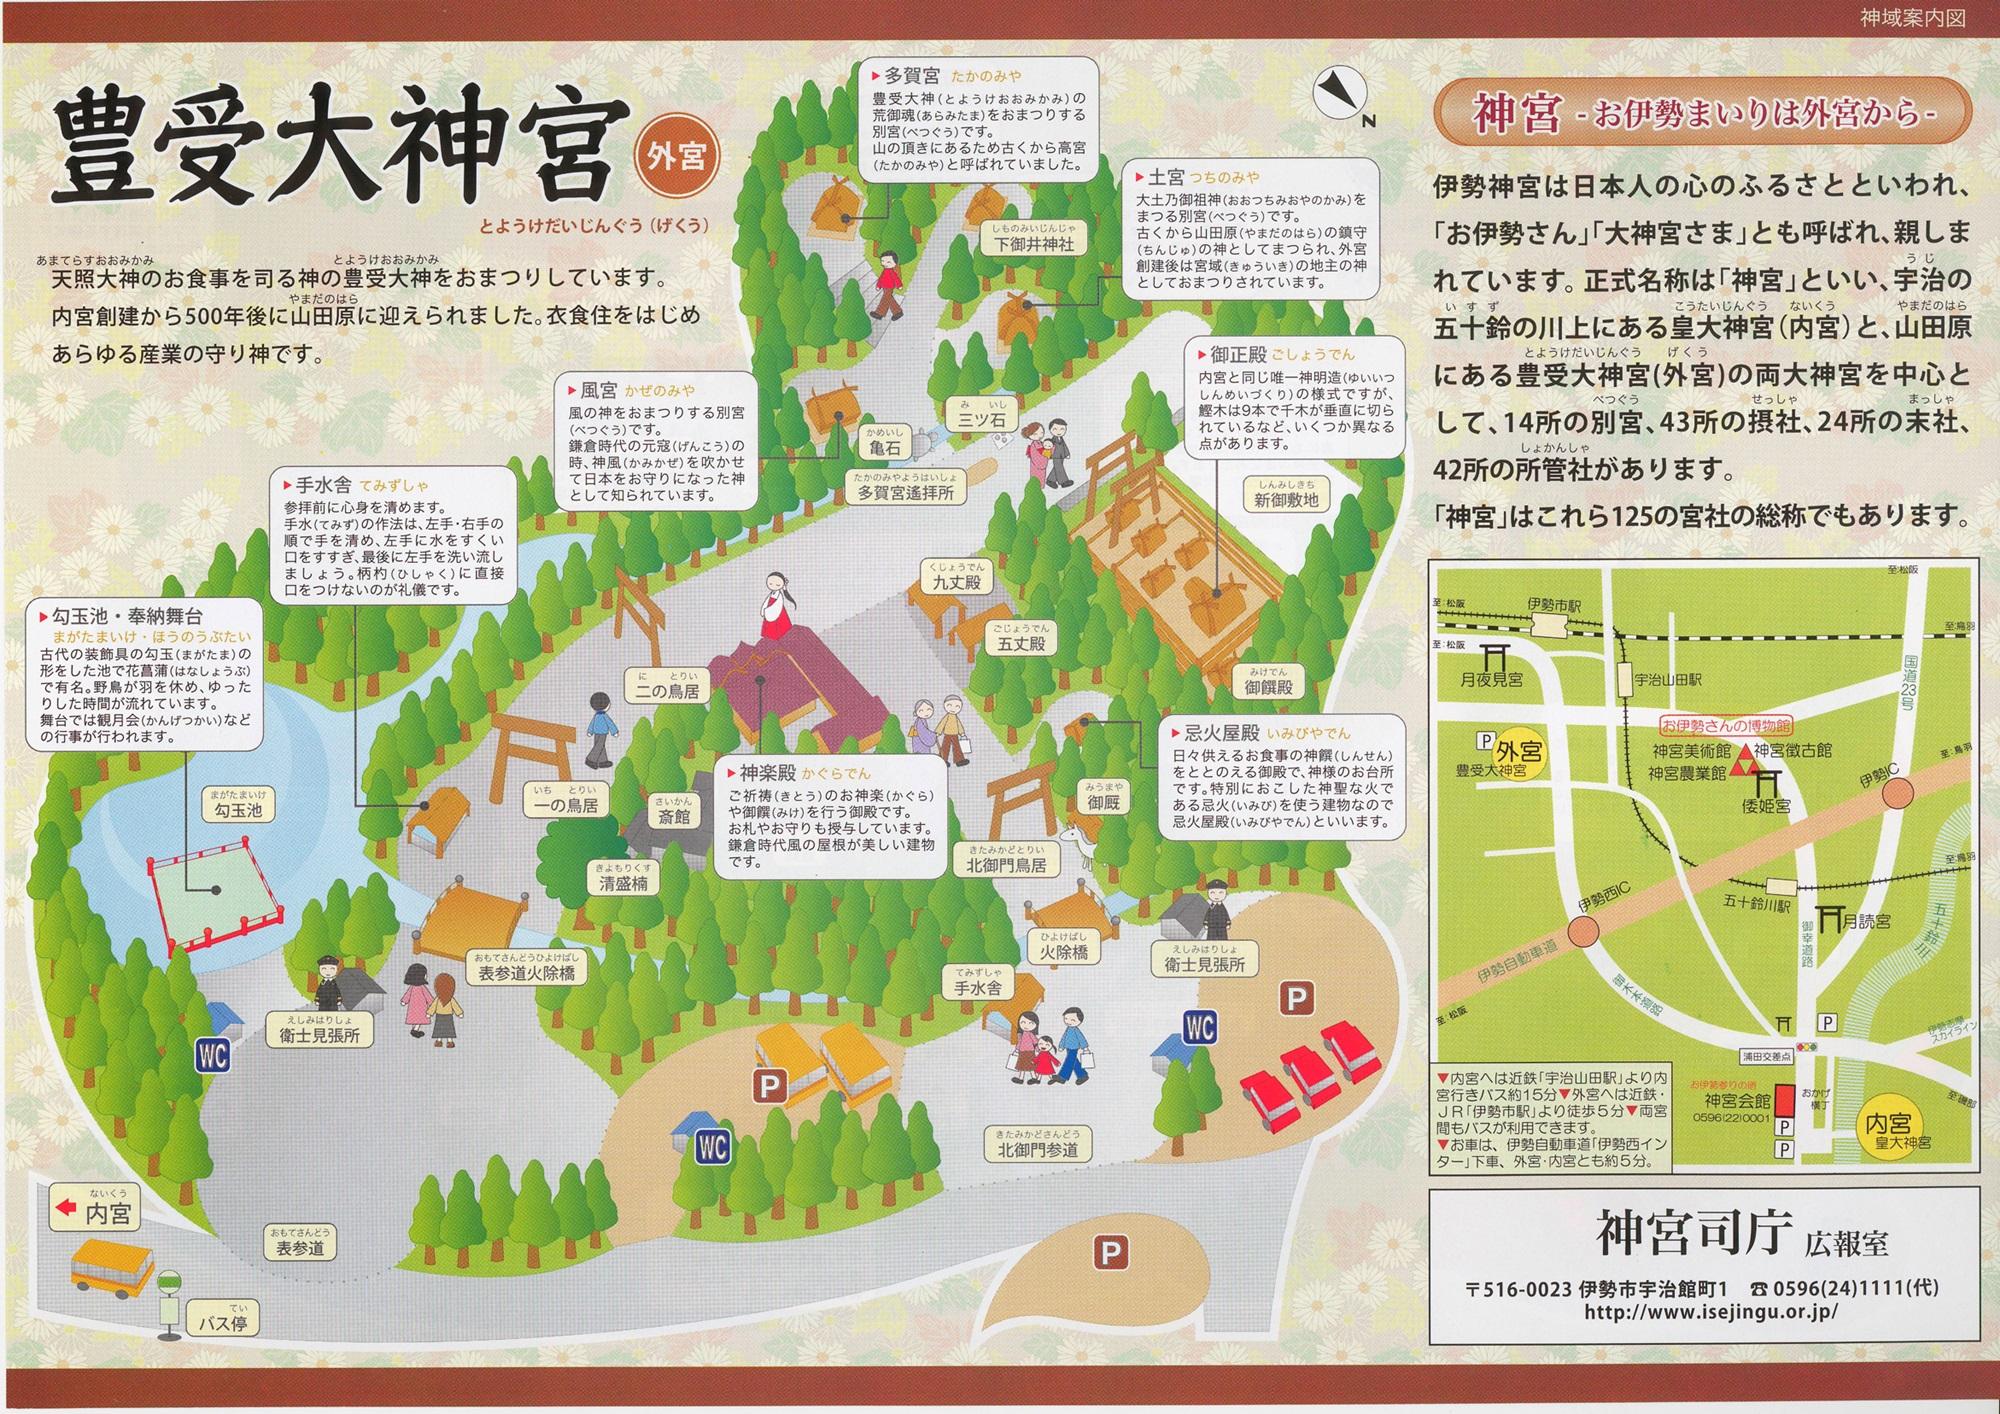 外宮(豊受大神宮) 地図 マップ 案内図 gekuannaizu